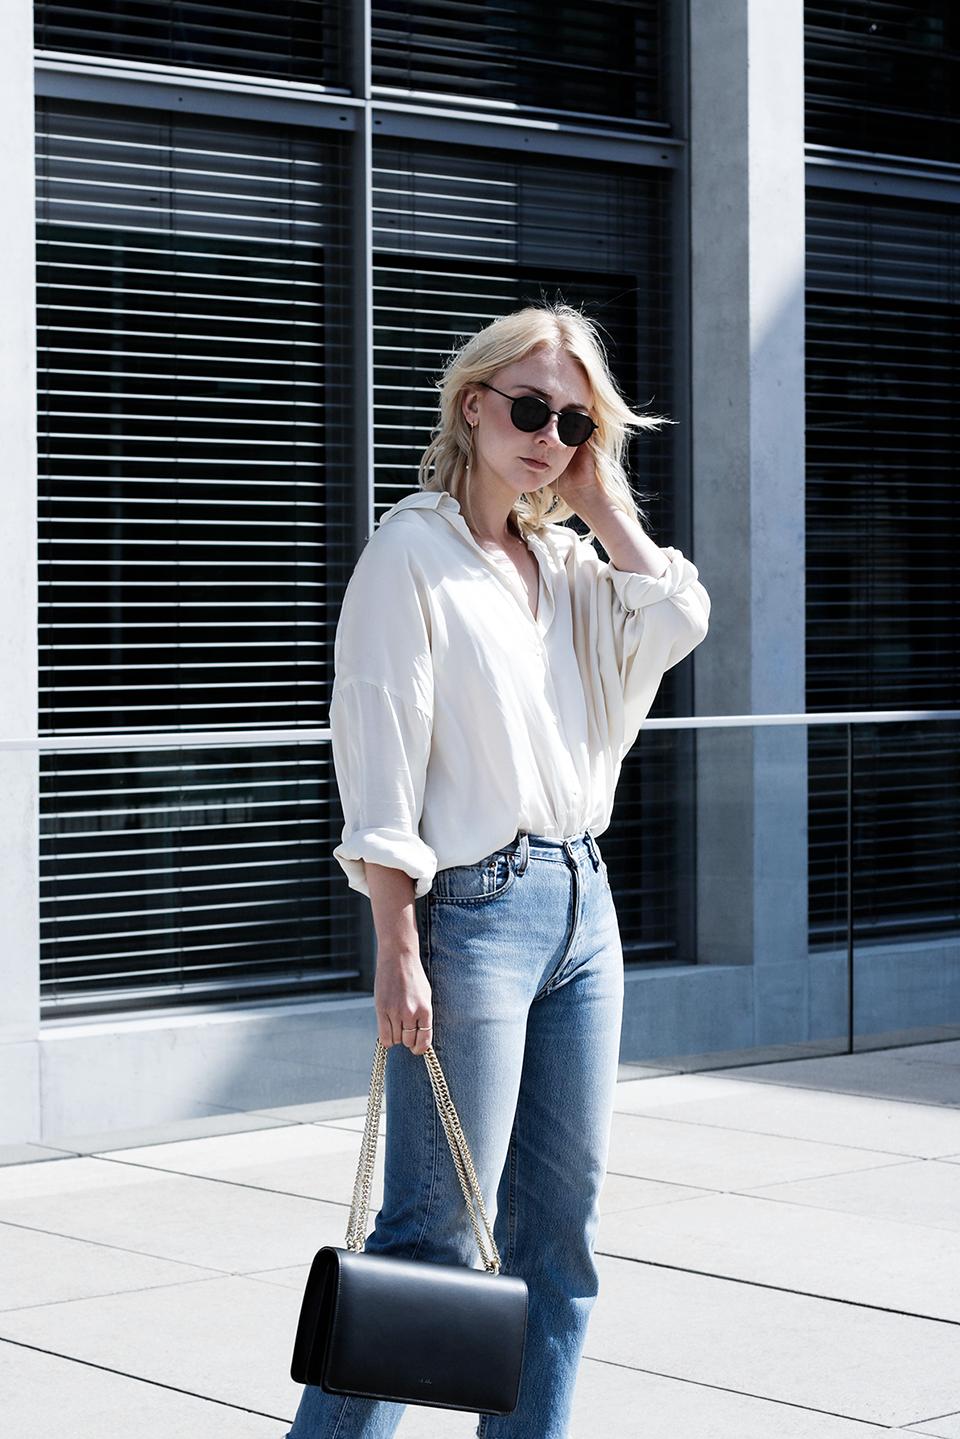 noa-noir-fashion-outfit-avelon-silk-oversized-top-levis-501-vintage-jeans-mules-3-1.png